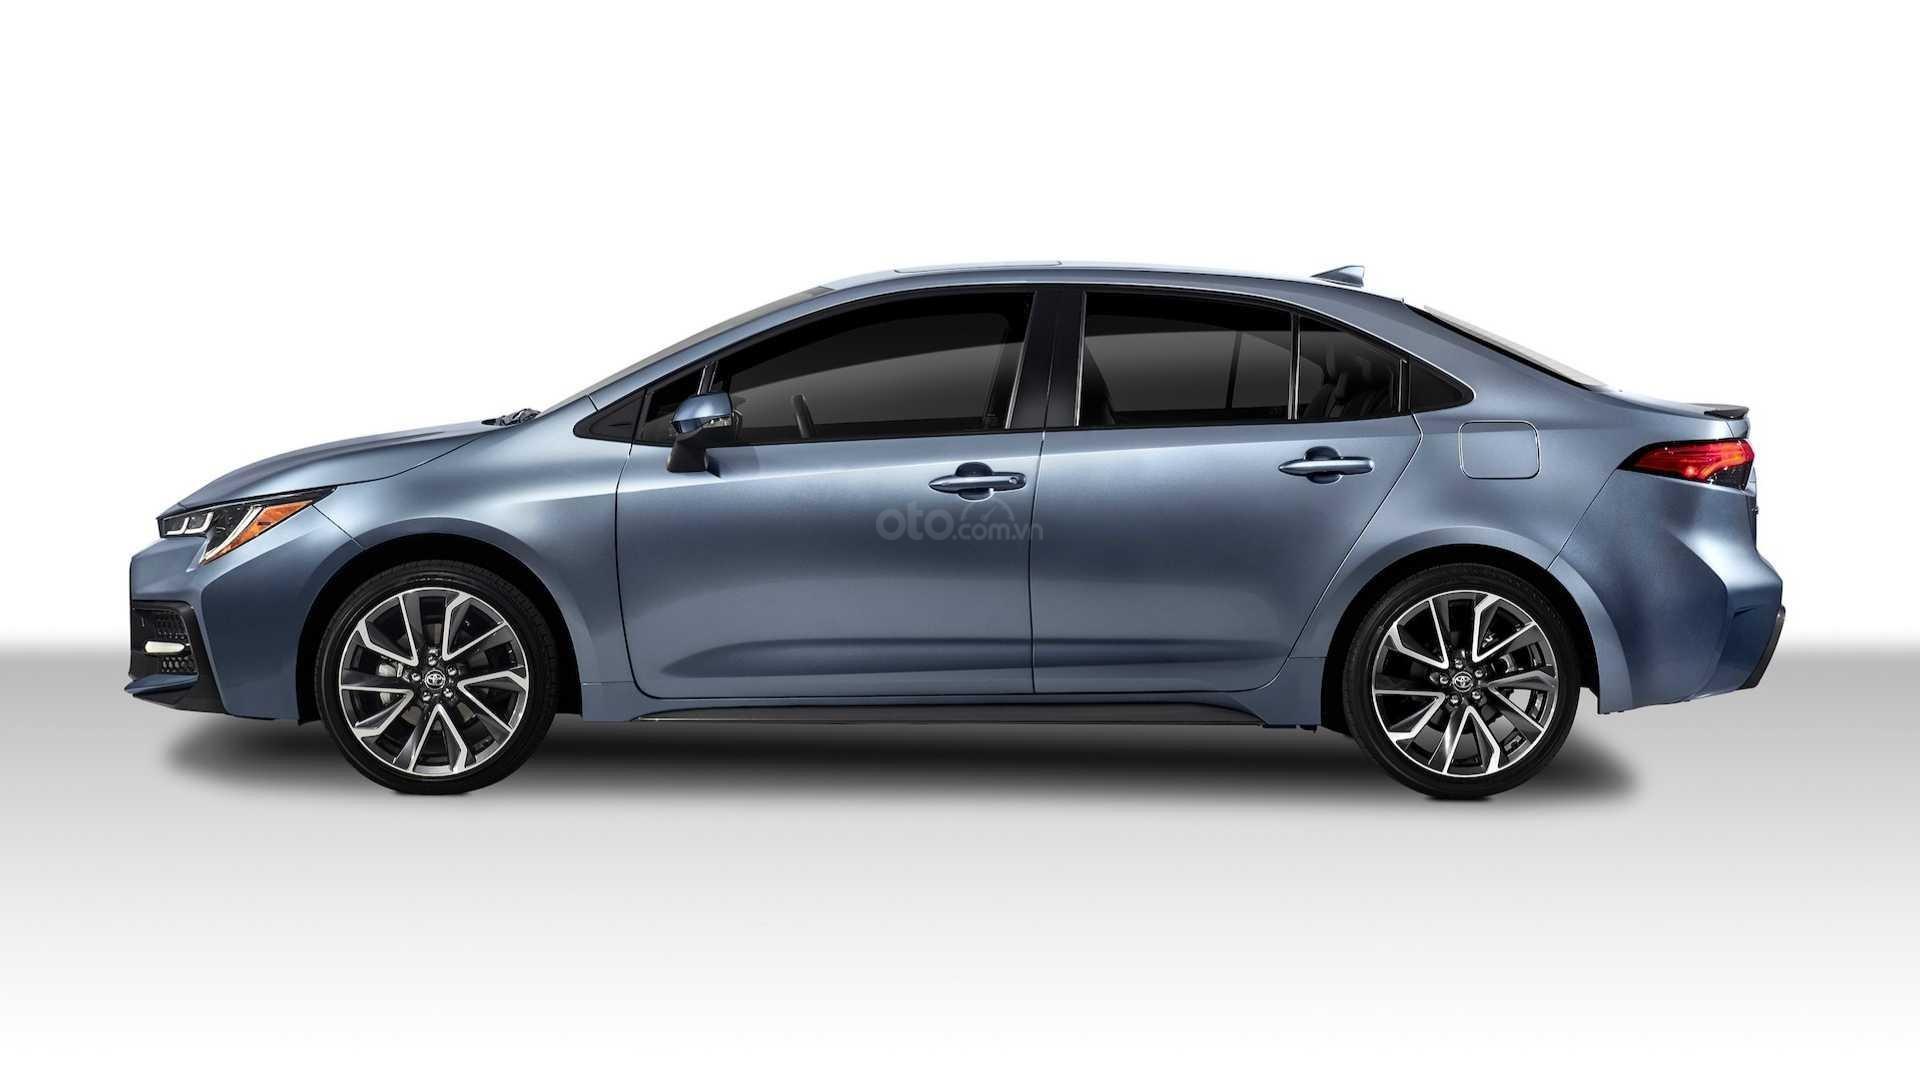 Thân xe Toyota Corolla 2020 sedan không khác nhiều so với bản tiền nhiệm.